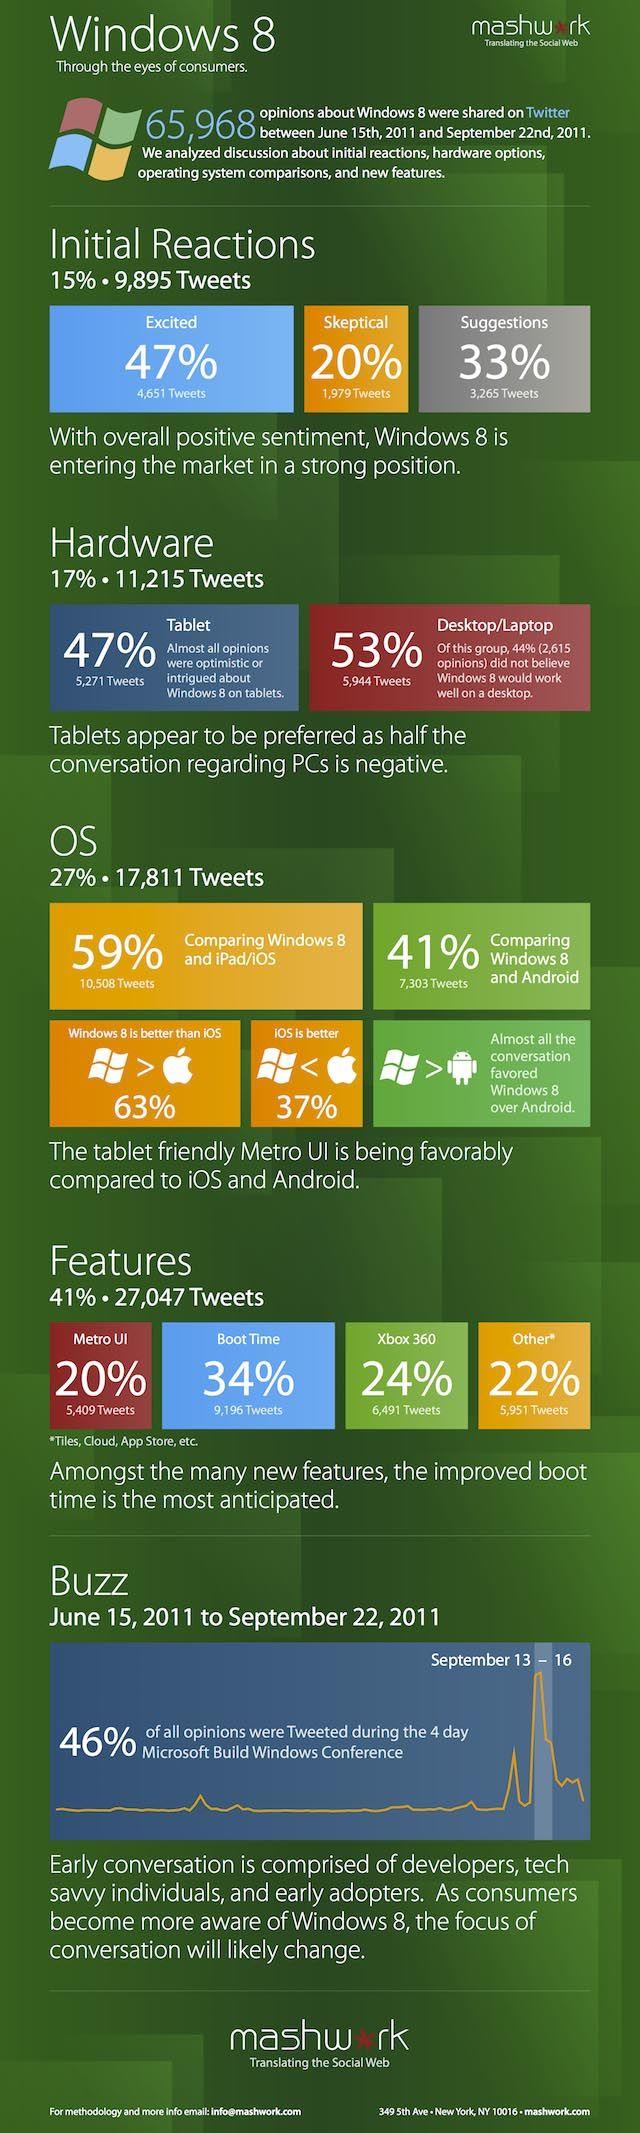 Microsoft Windows 8 OS – Stats & Positive Reactions so Far